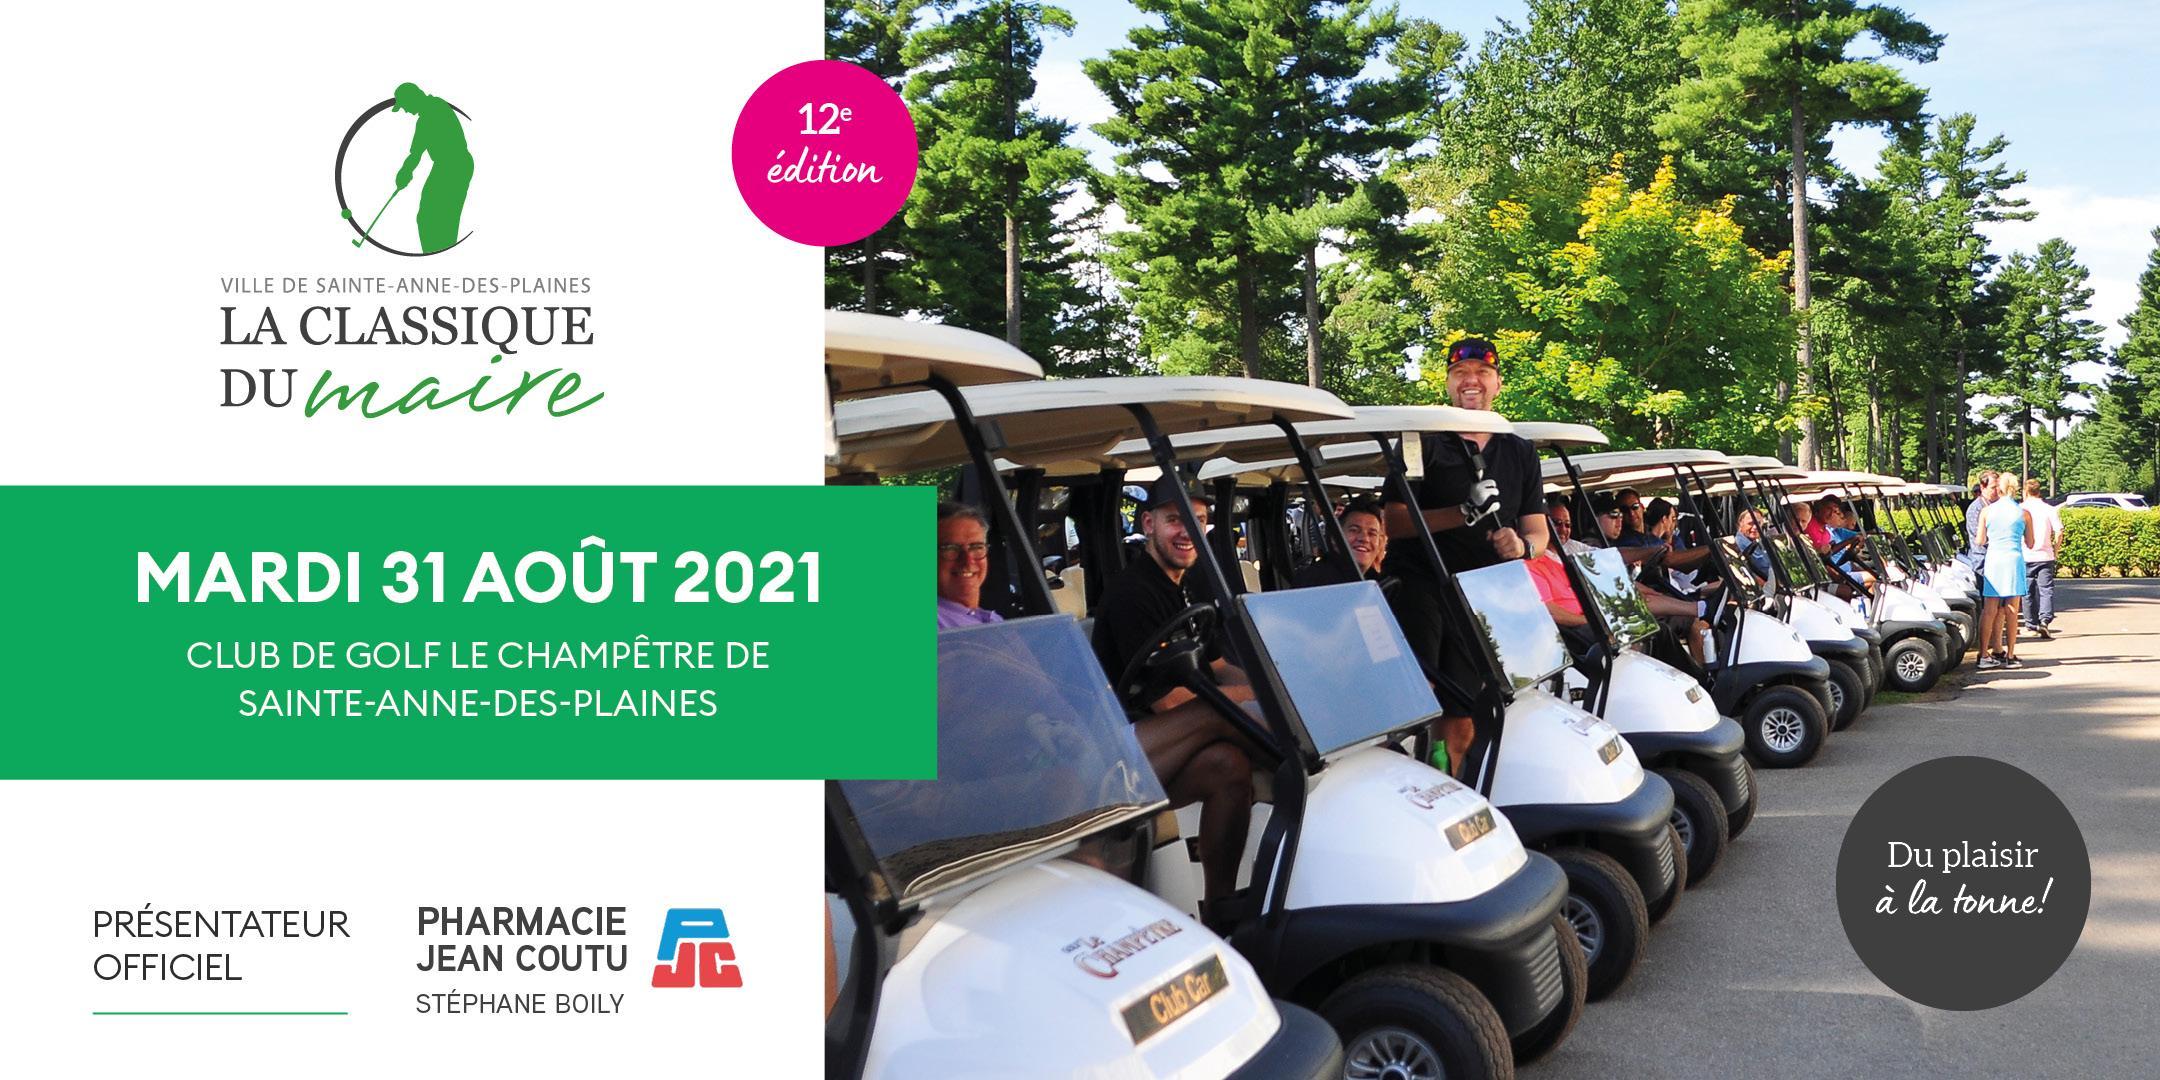 Tournoi de golf de la Classique du Maire - Édition 2021